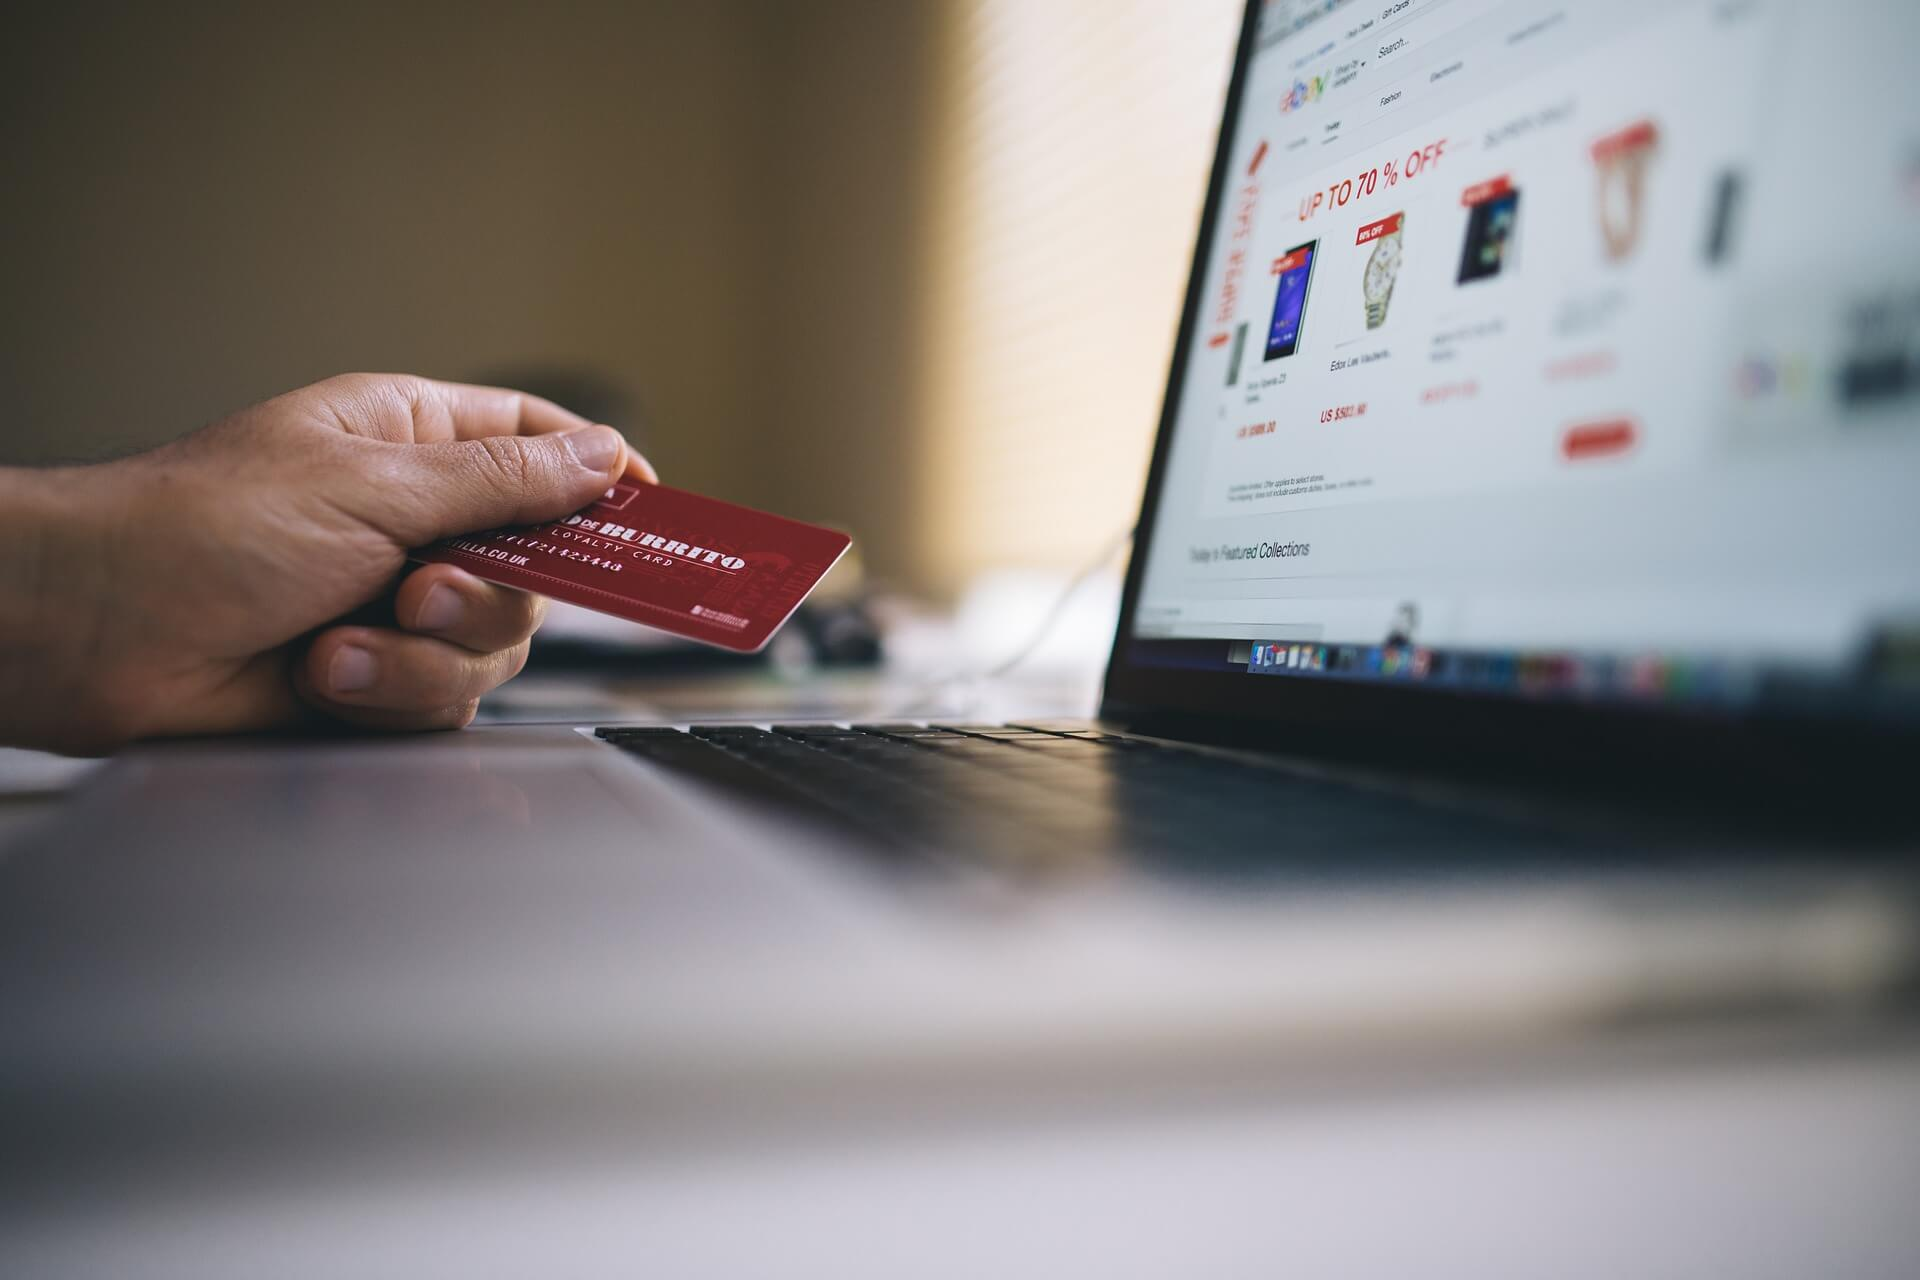 b7bdeff26 Meios de pagamento  como escolher o melhor para sua empresa